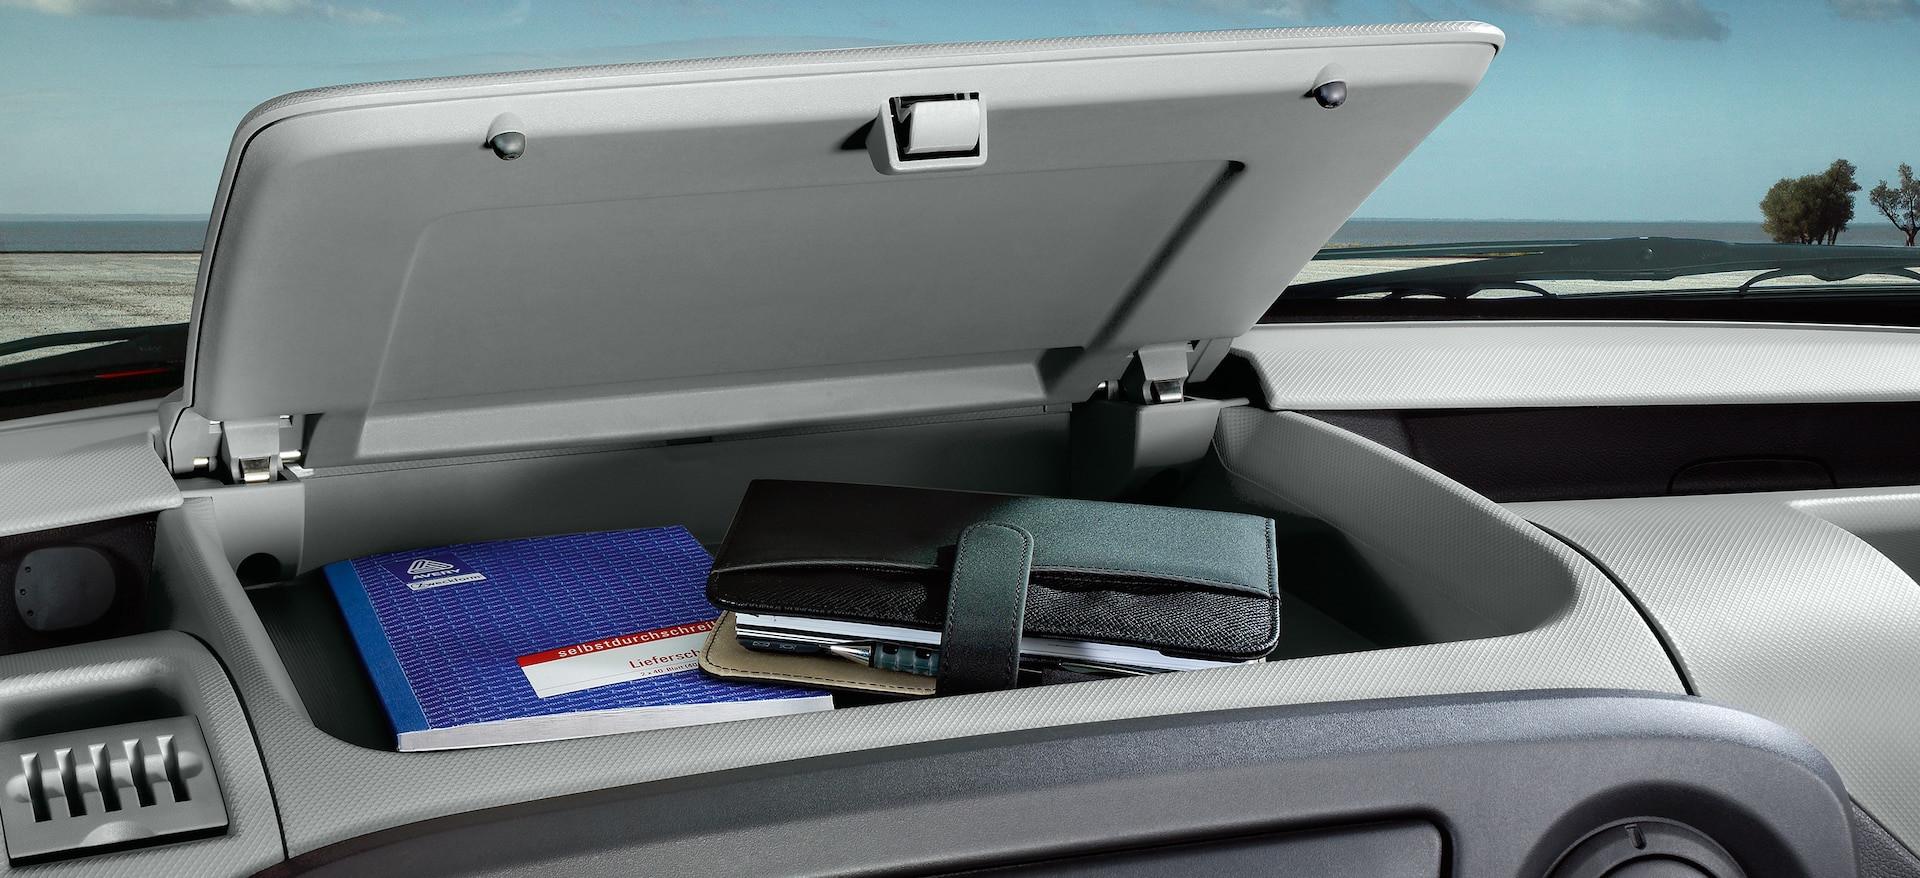 Opel_Movano_Storage_21x9_mo11_i01_634.jp